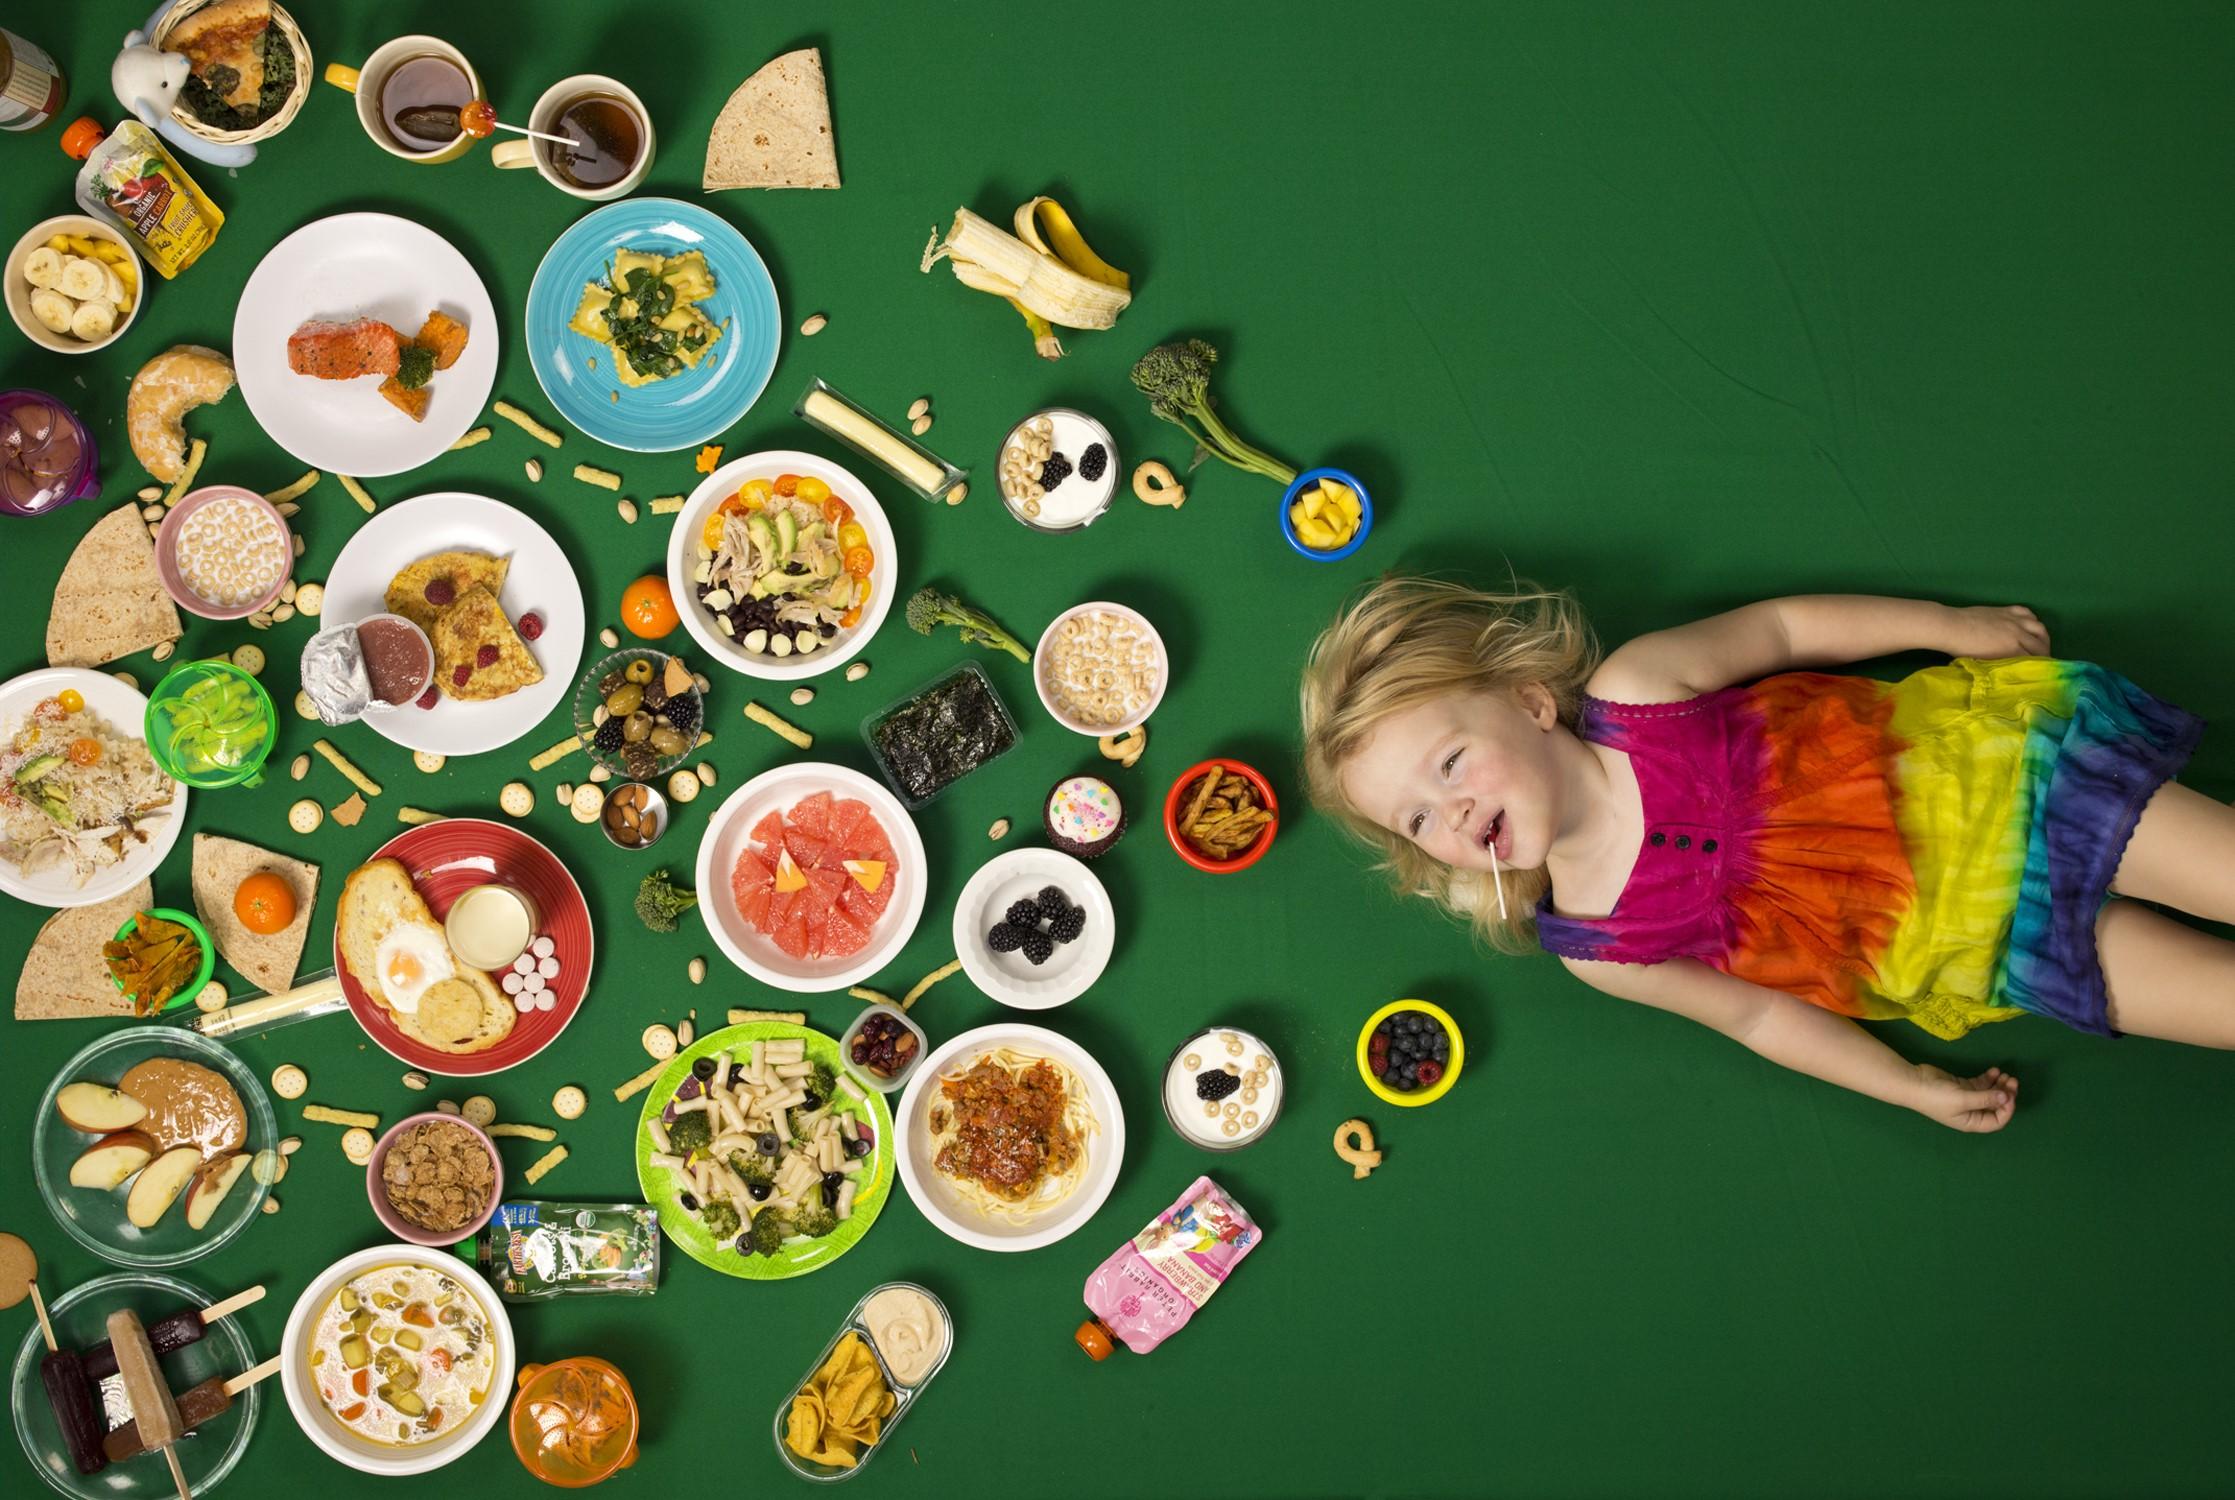 比較各國小朋友一週飲食餐單,探視兒童飲食現況